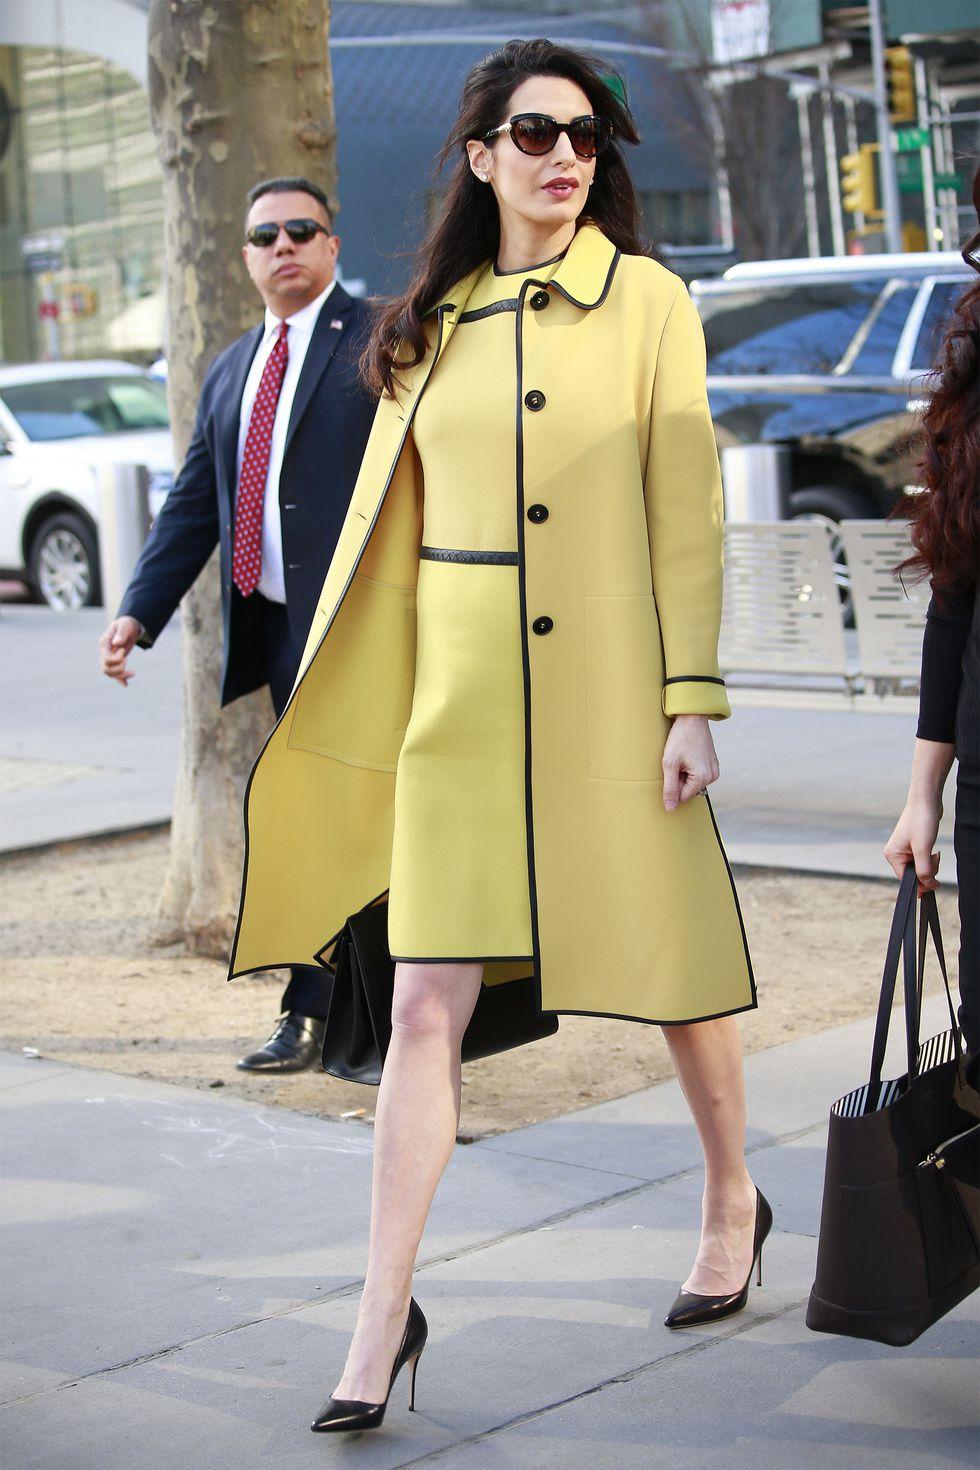 Copia los mejores estilismos de Amal Clooney - abrigo amarillo